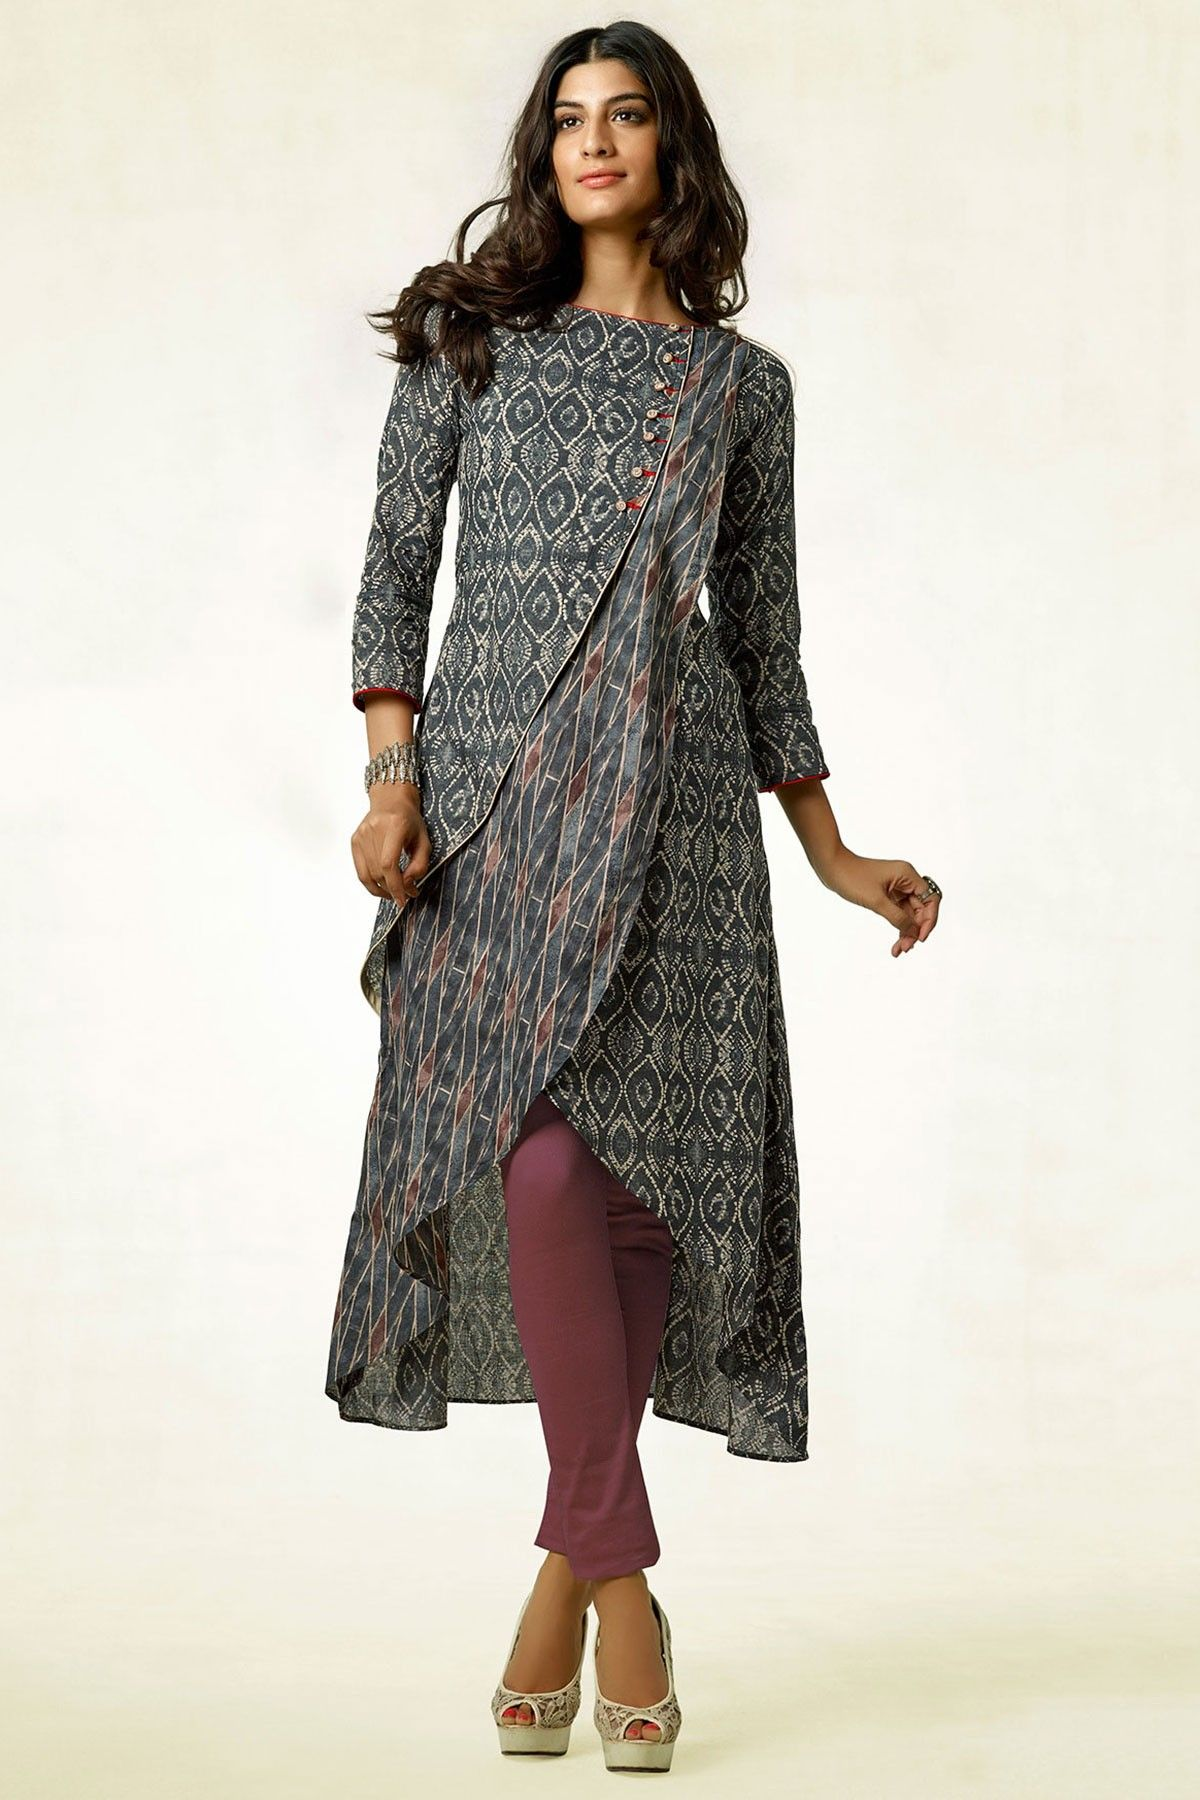 Shirt design kurti - Neck Design N Kurti